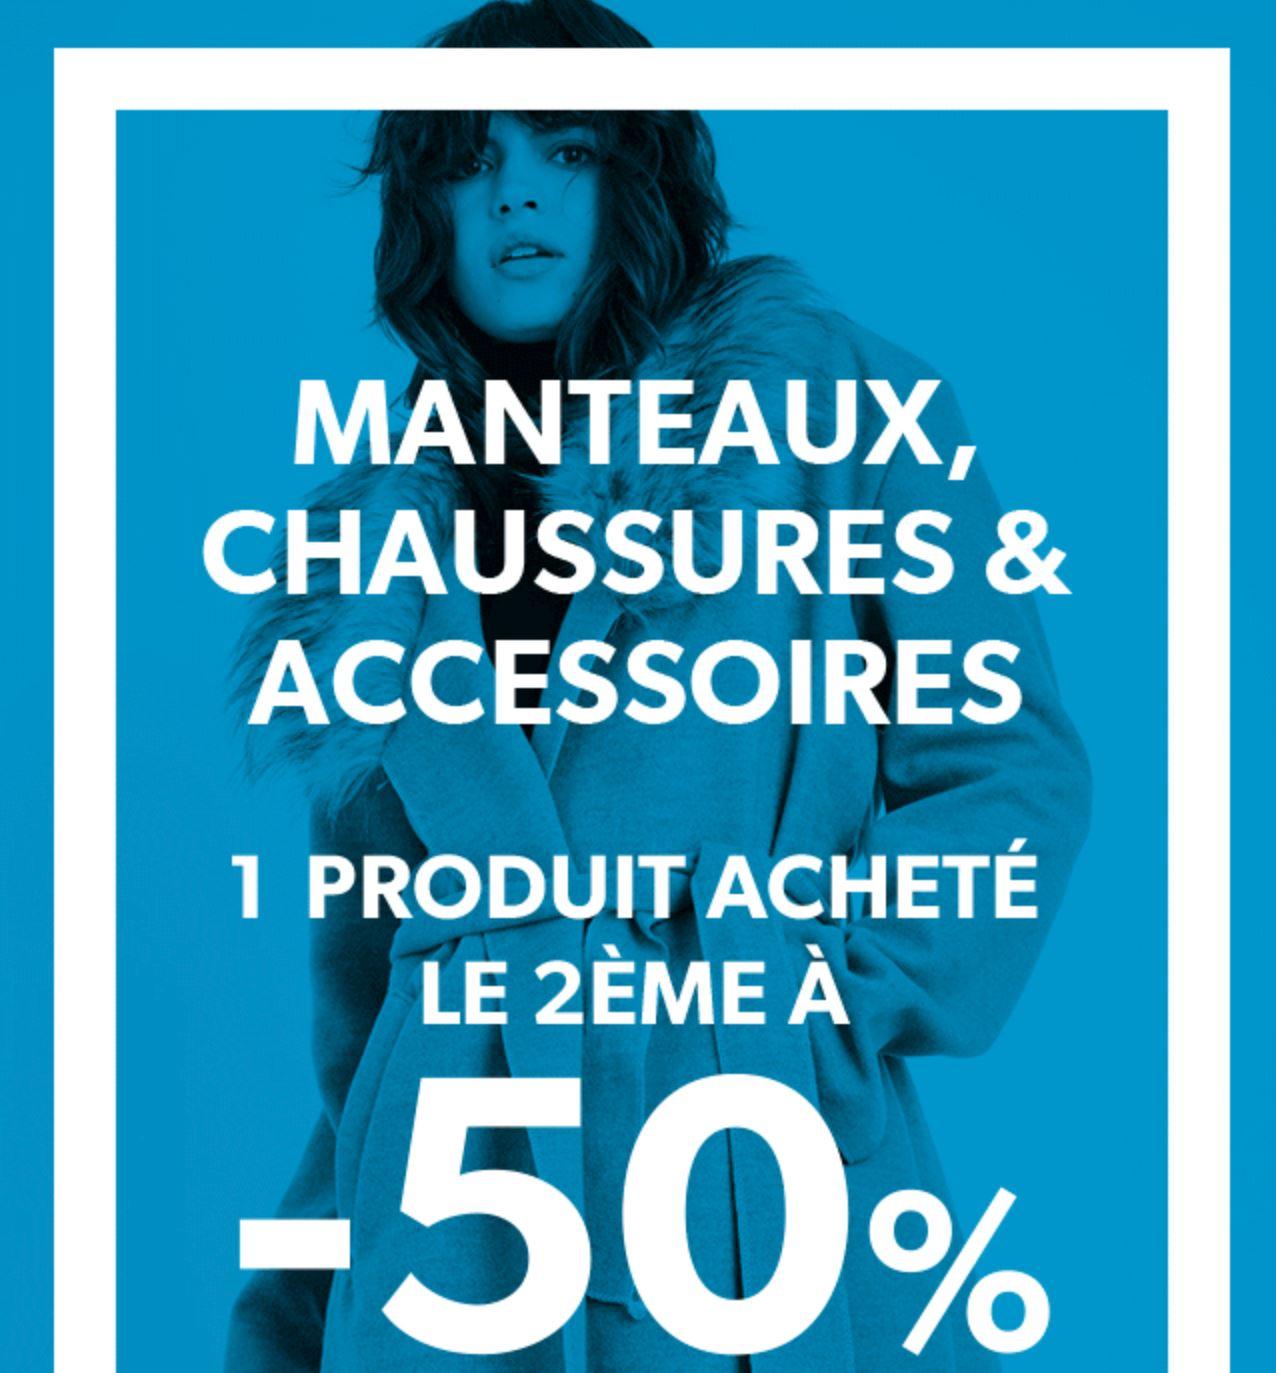 Code promo New Look : 1 article acheté parmi les Manteaux, chaussures & accessoires = le 2ème à -50%